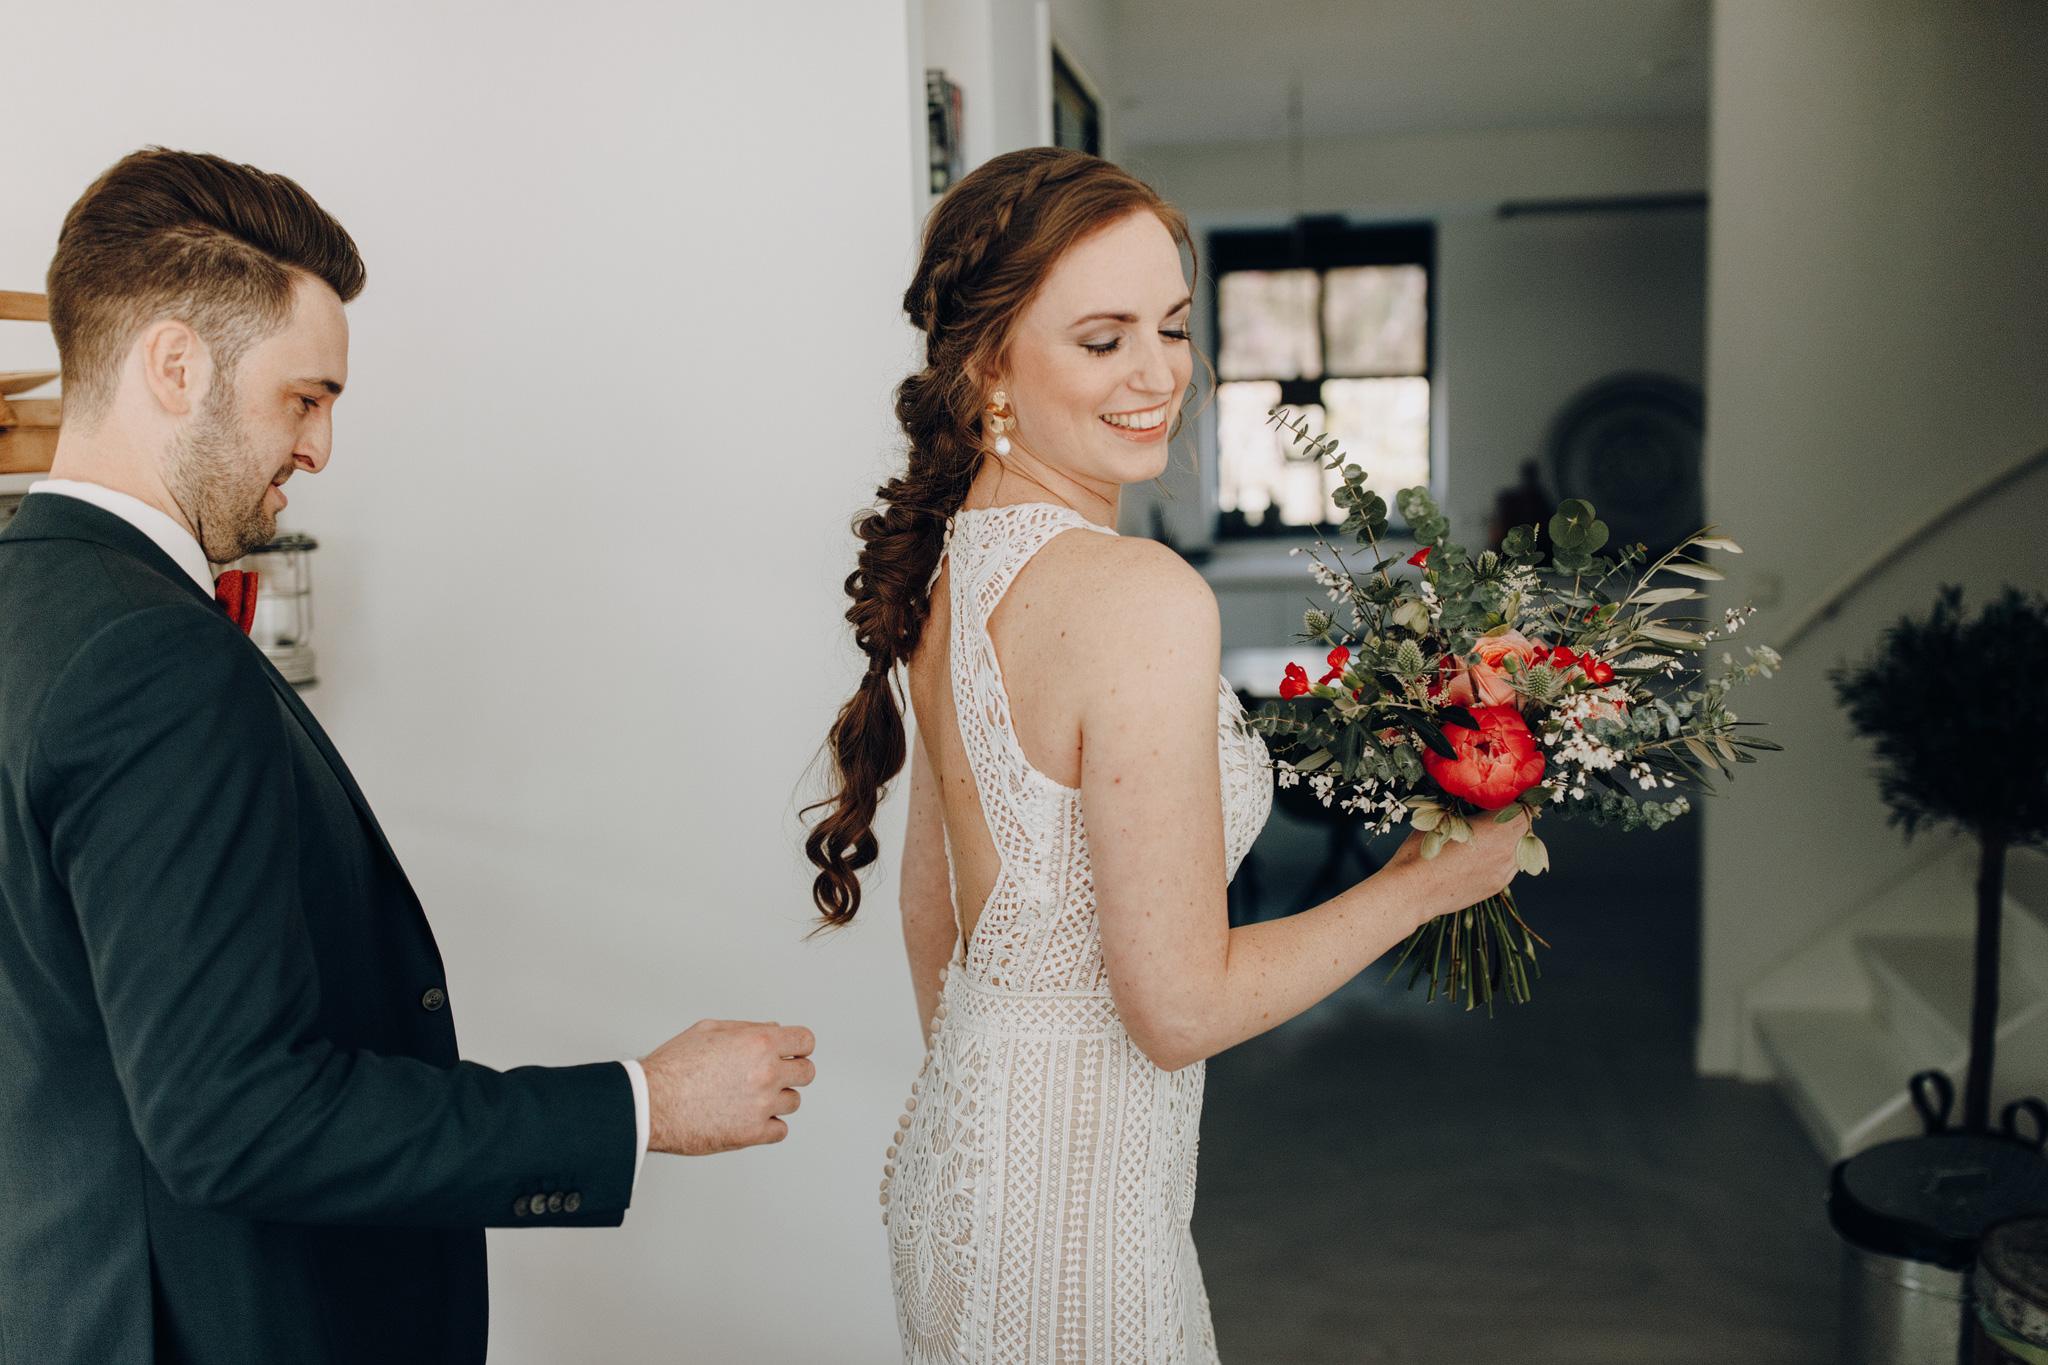 Bruidegom bekijkt achterkant Lillian West trouwjurk tijdens first look